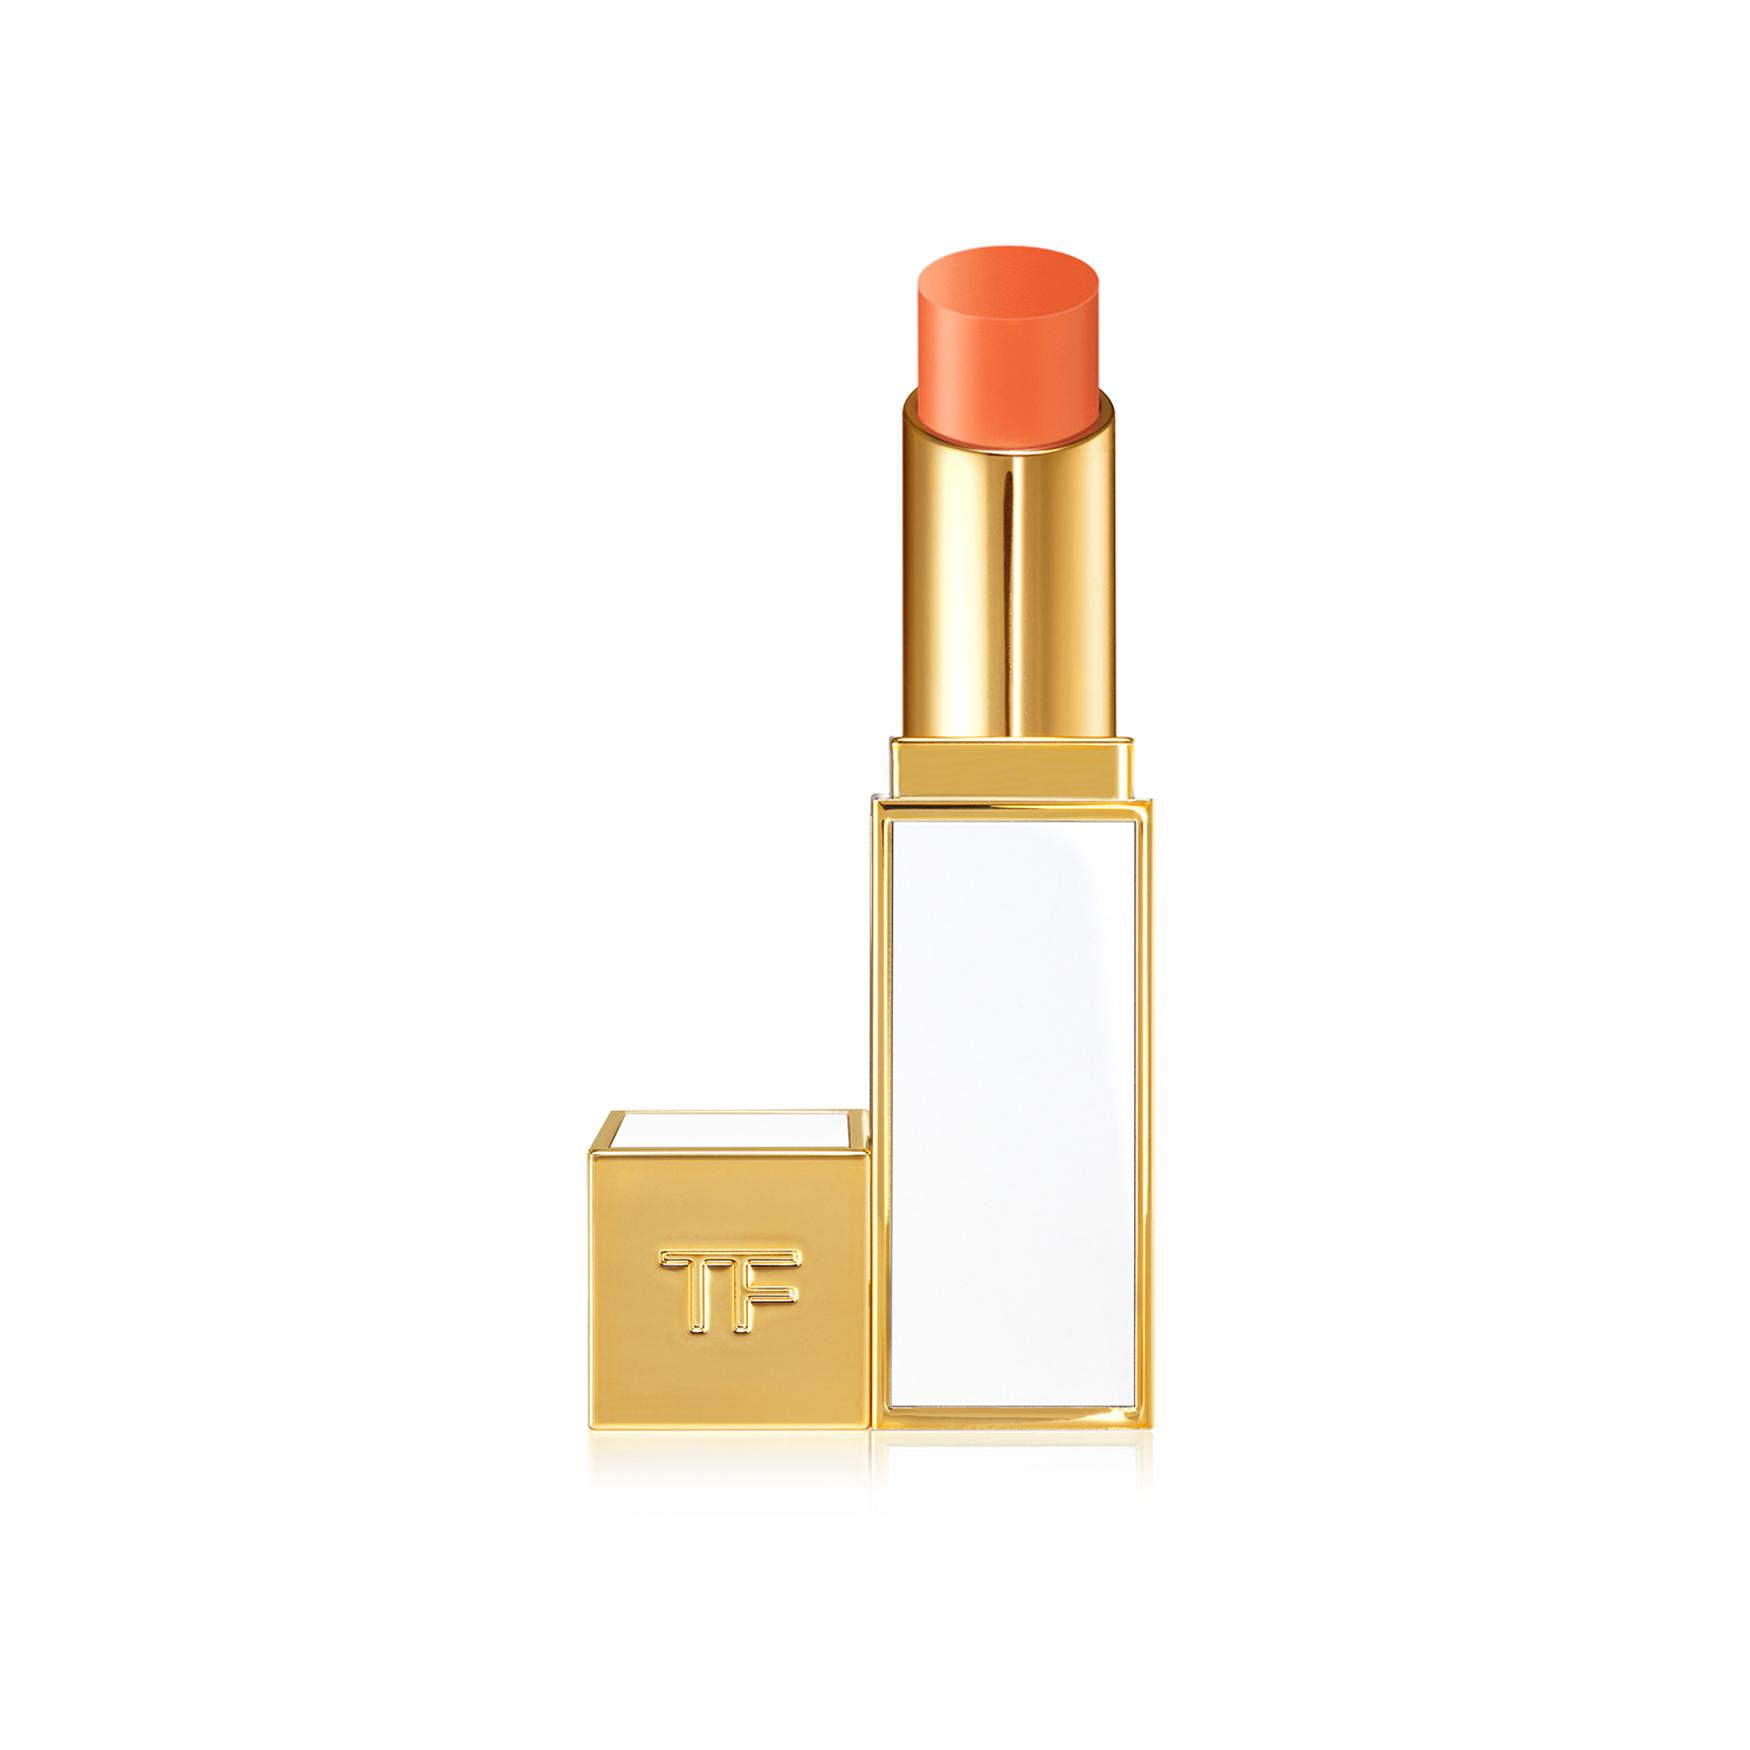 Lumiere Lip, LUMIERE 3G, large